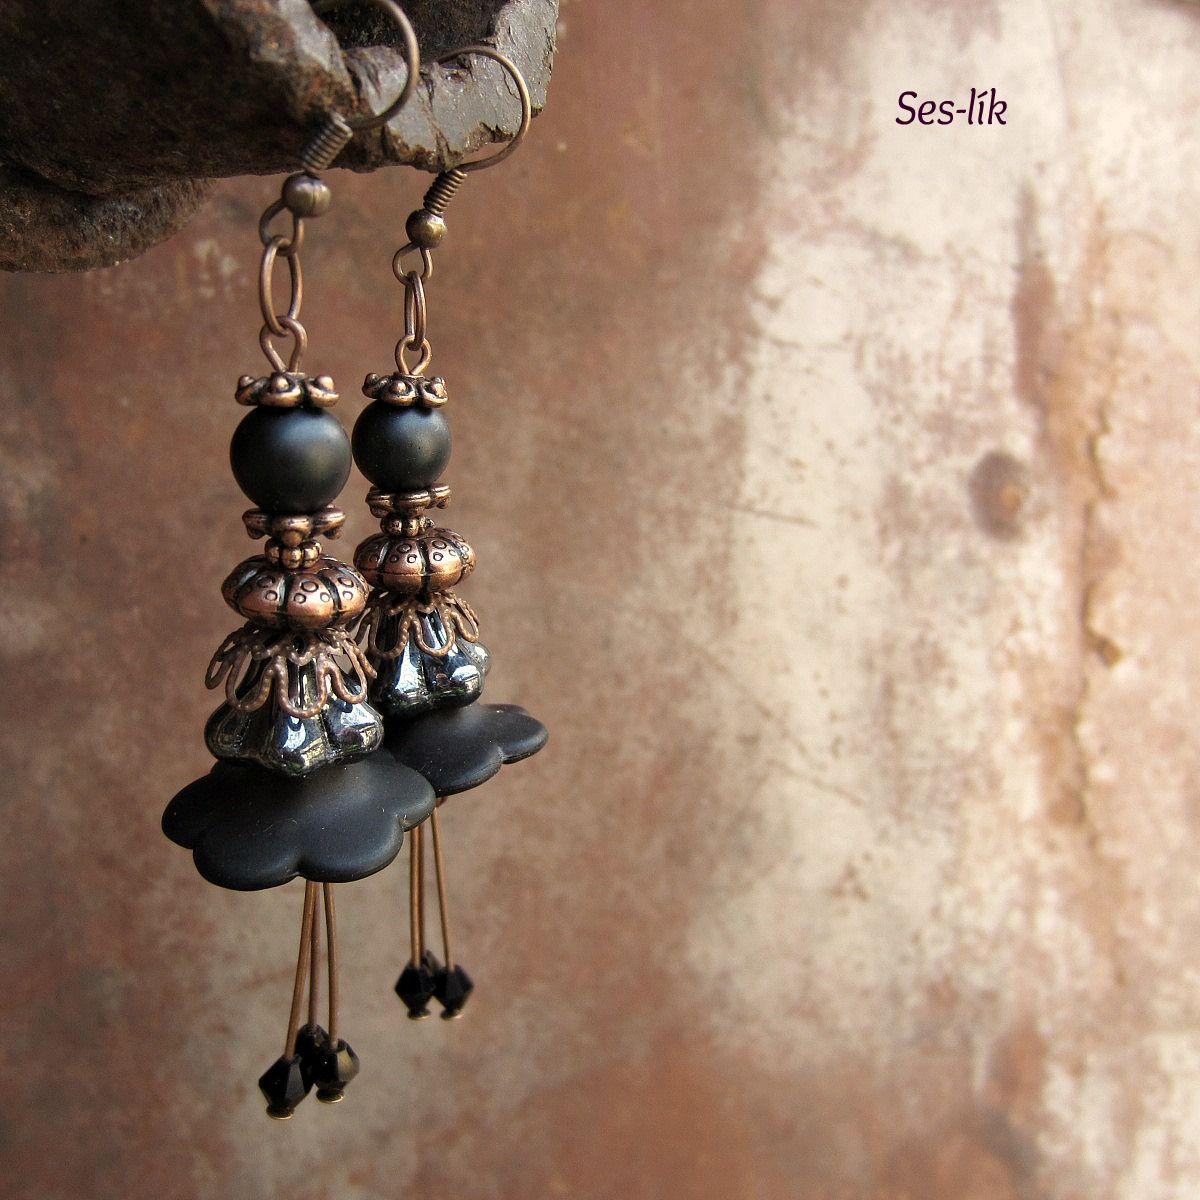 """náušnice ,,SLEČNA LILI """" ,,...rád se brouzdám rosou,s květinou si povídám..."""" Náušnice jsou vytvořené z akrylových a skleněných korálků ve tvaru kytiček v barvě černé a černé s pokovem.Doplněné jsou o voskované perličky a o broušená sluníčka.Komponenty v barvě měděné ve tvaru ozdobných kaplíků a malinkých kovových kytiček. Zavěšeny jsou na afroháčku ..."""